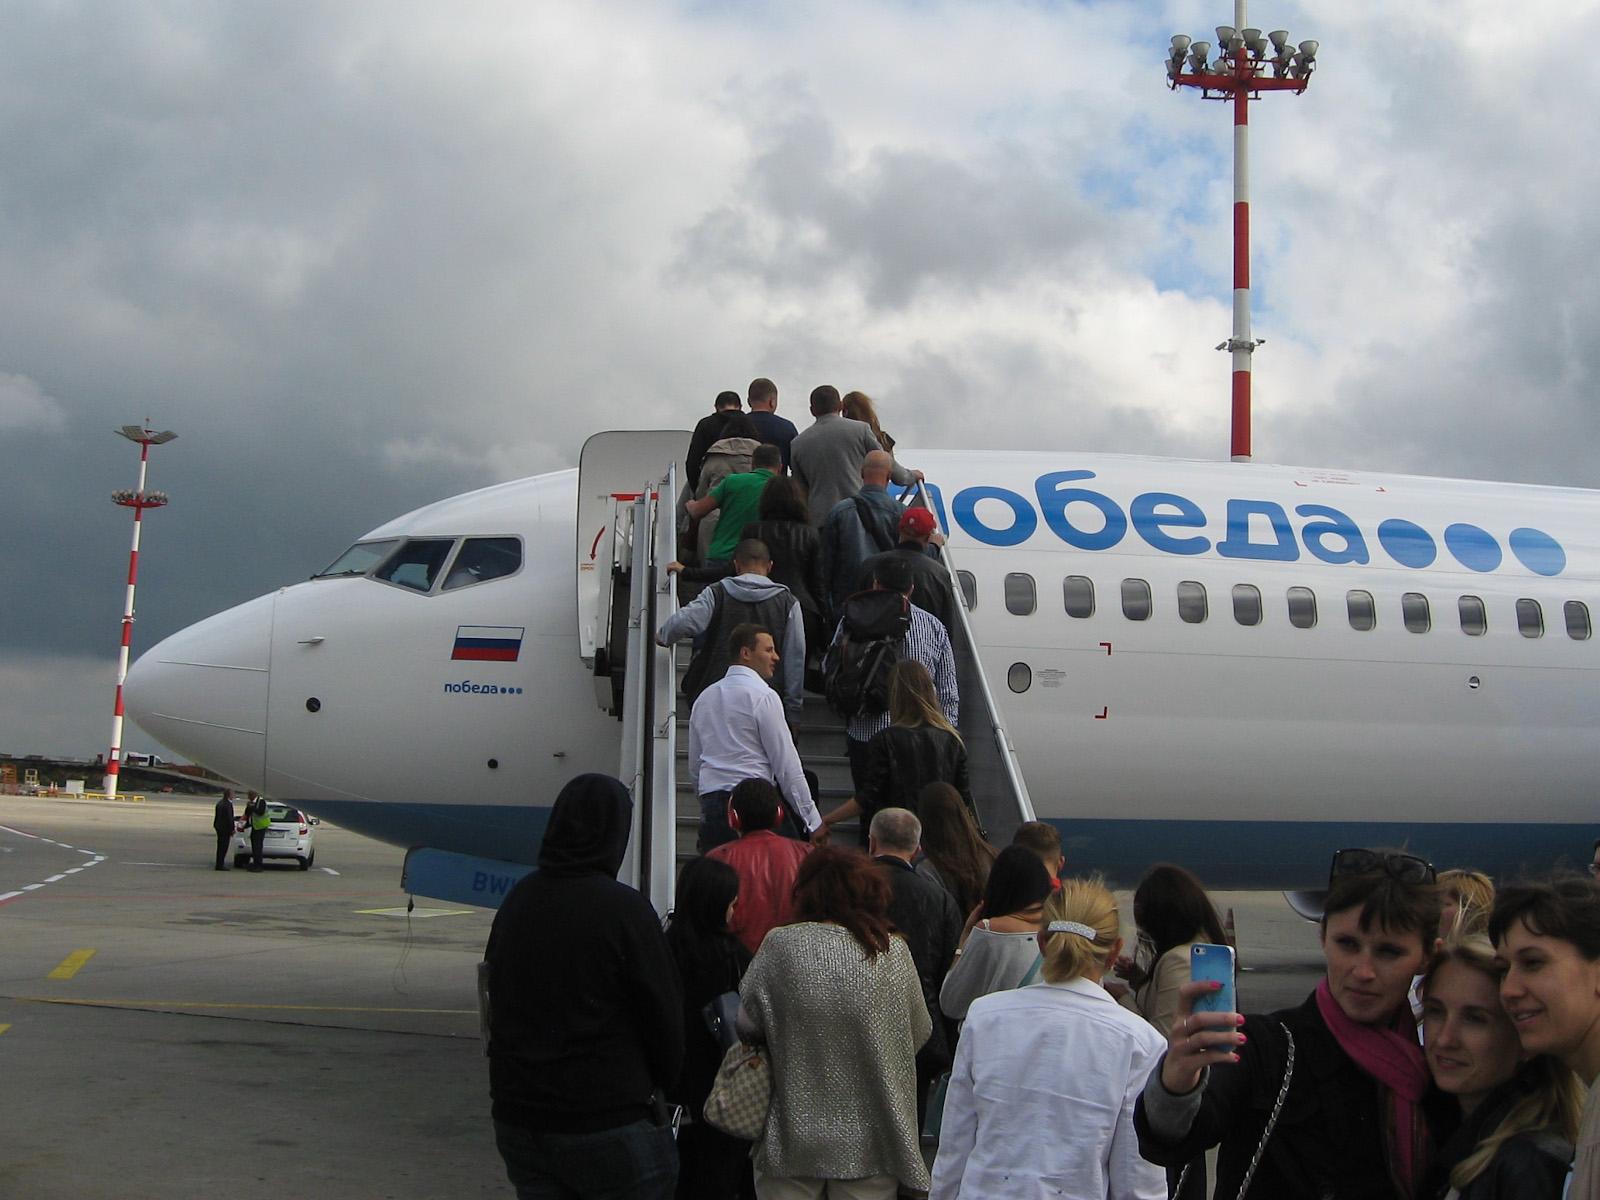 Посадка на рейс авиакомпании